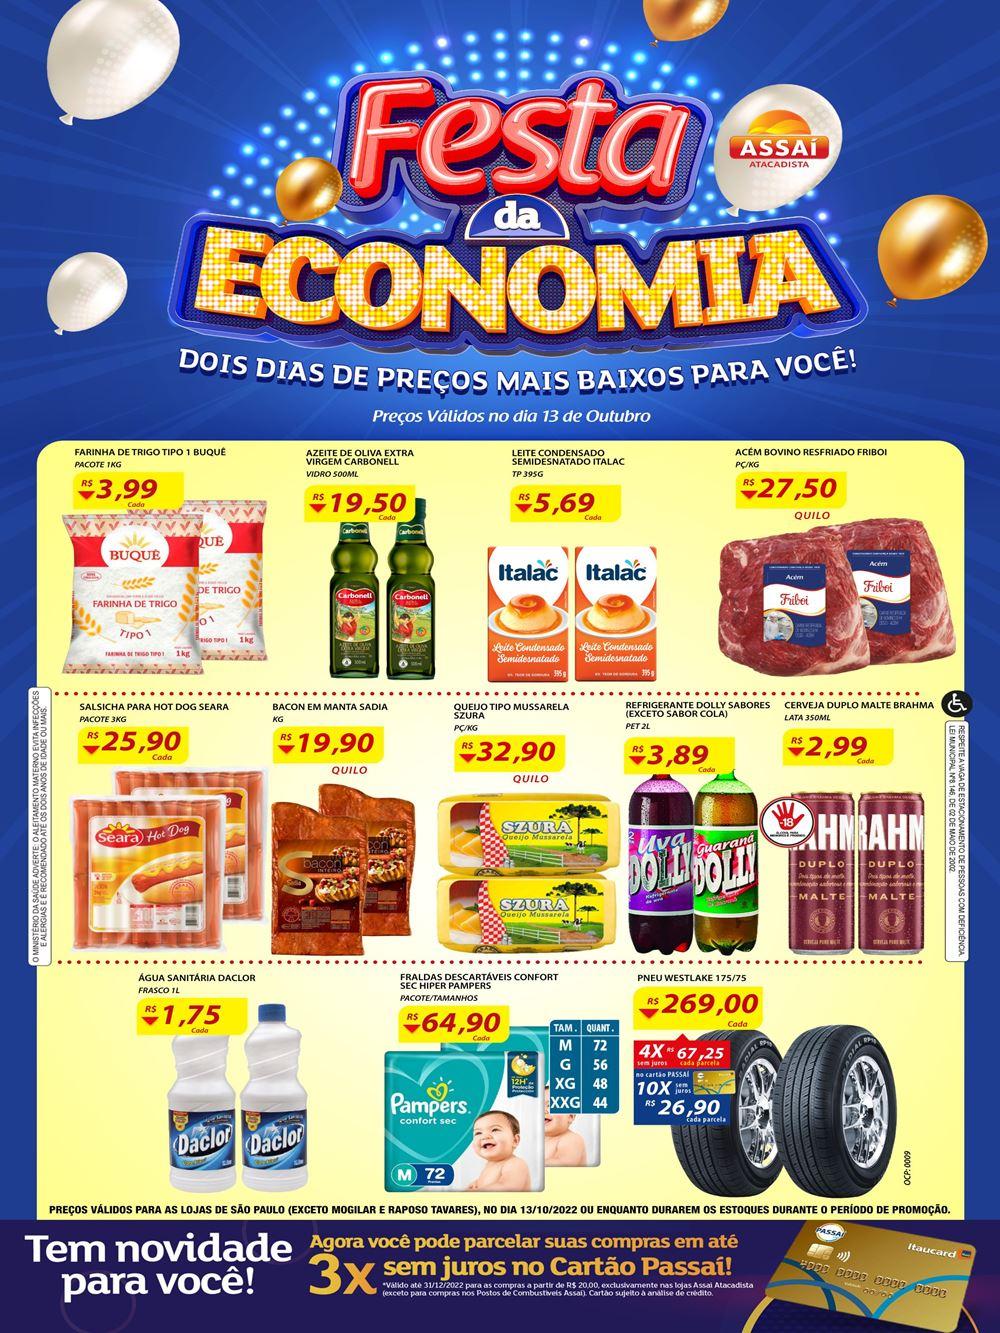 assai-ofertas-descontos-hoje5-1 Ofertas de Supermercados